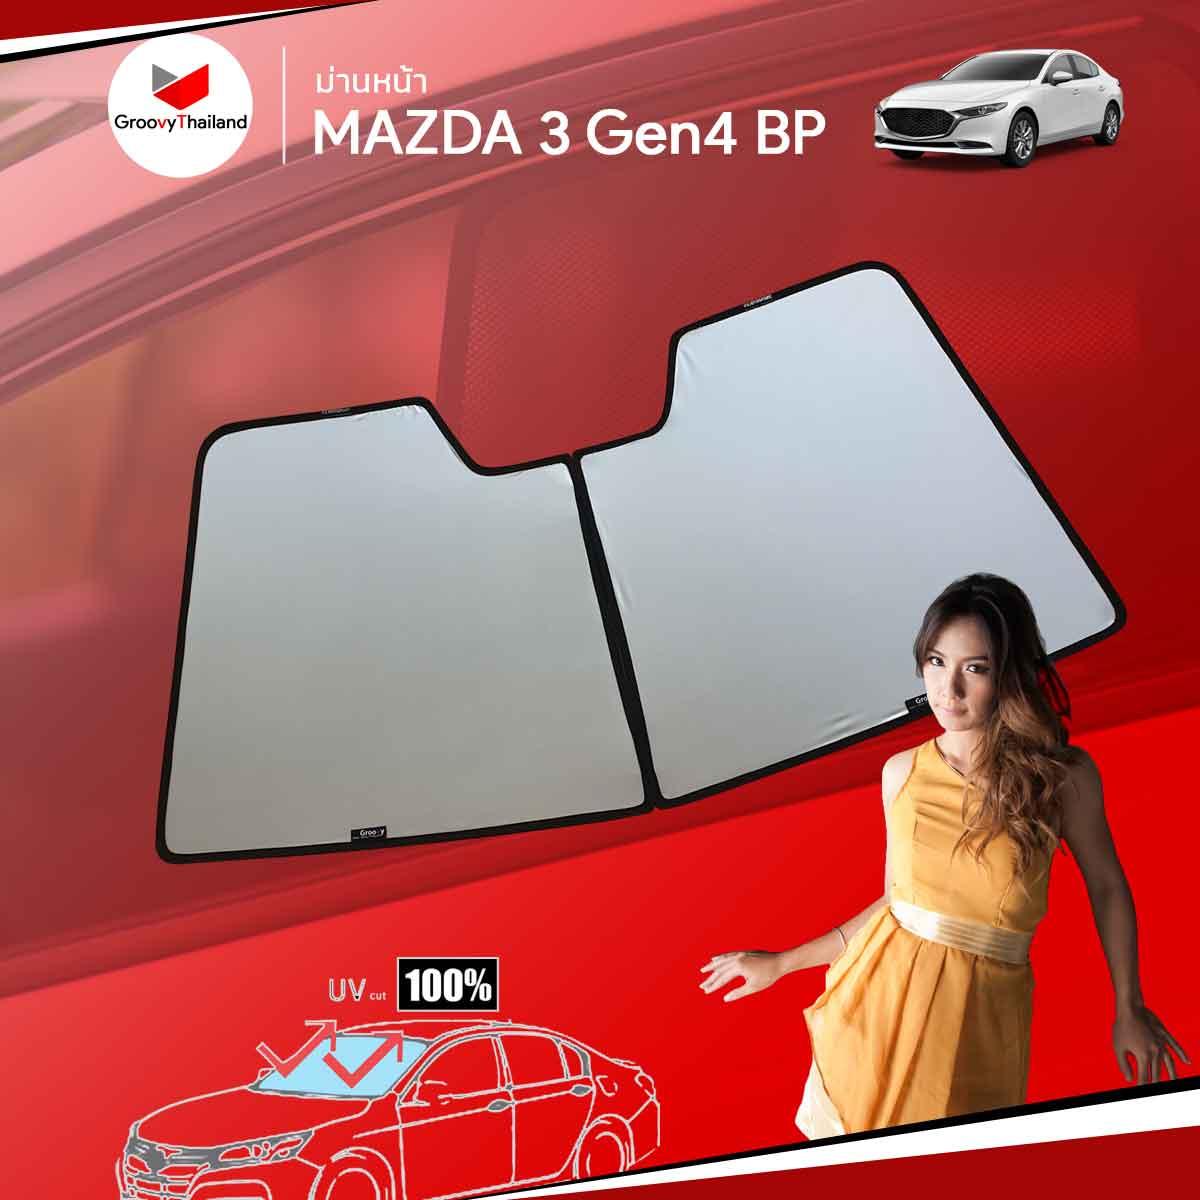 ม่านหน้า MAZDA 3 Gen4 BP